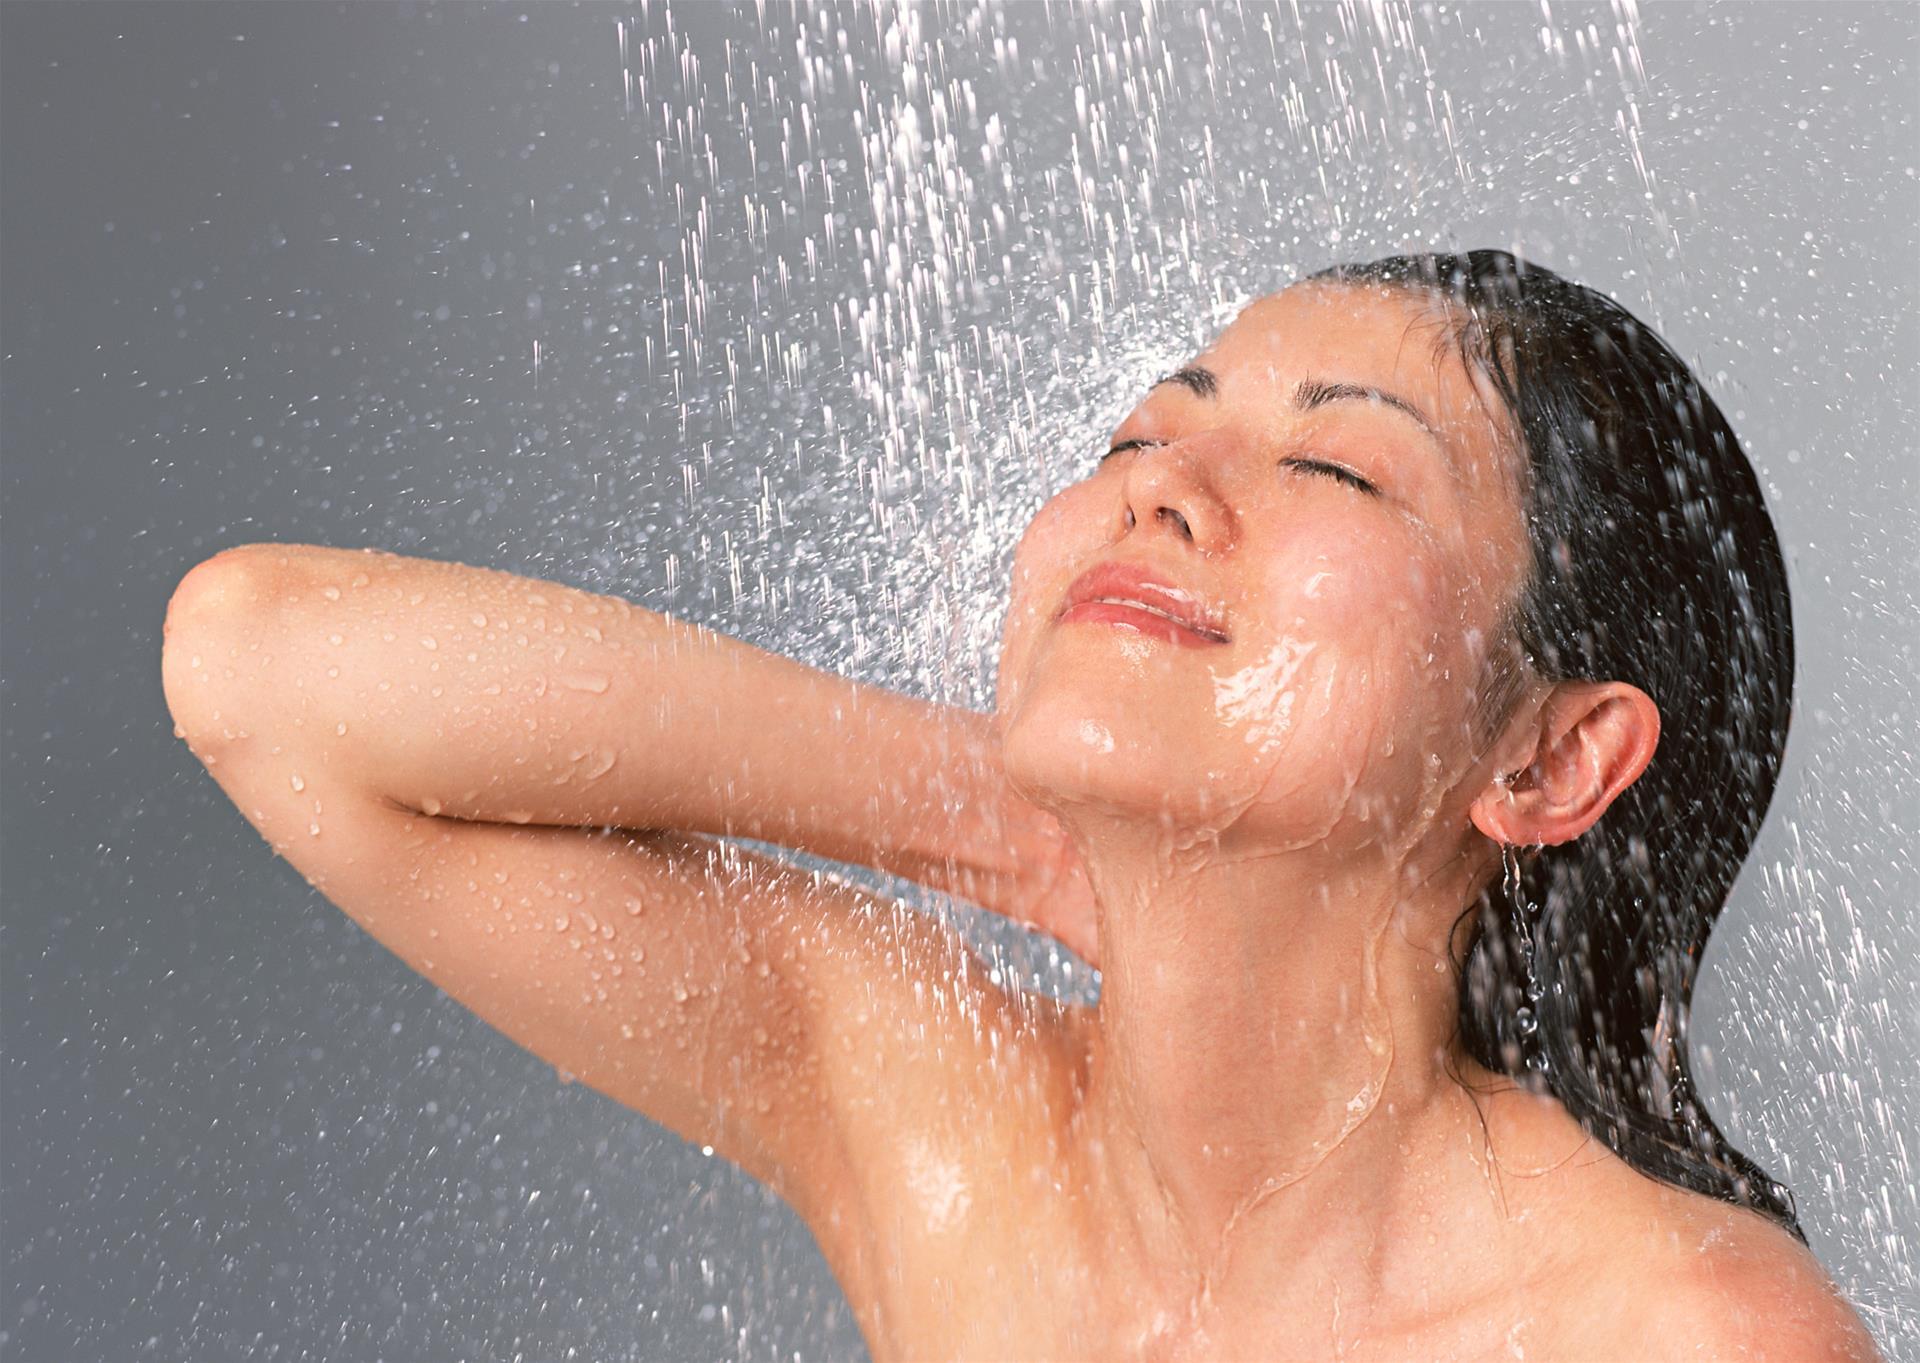 Смотреть бесплатно в онлайне как моются женщины, Эротика и порно, снятые в бане или в сауне смотреть 6 фотография